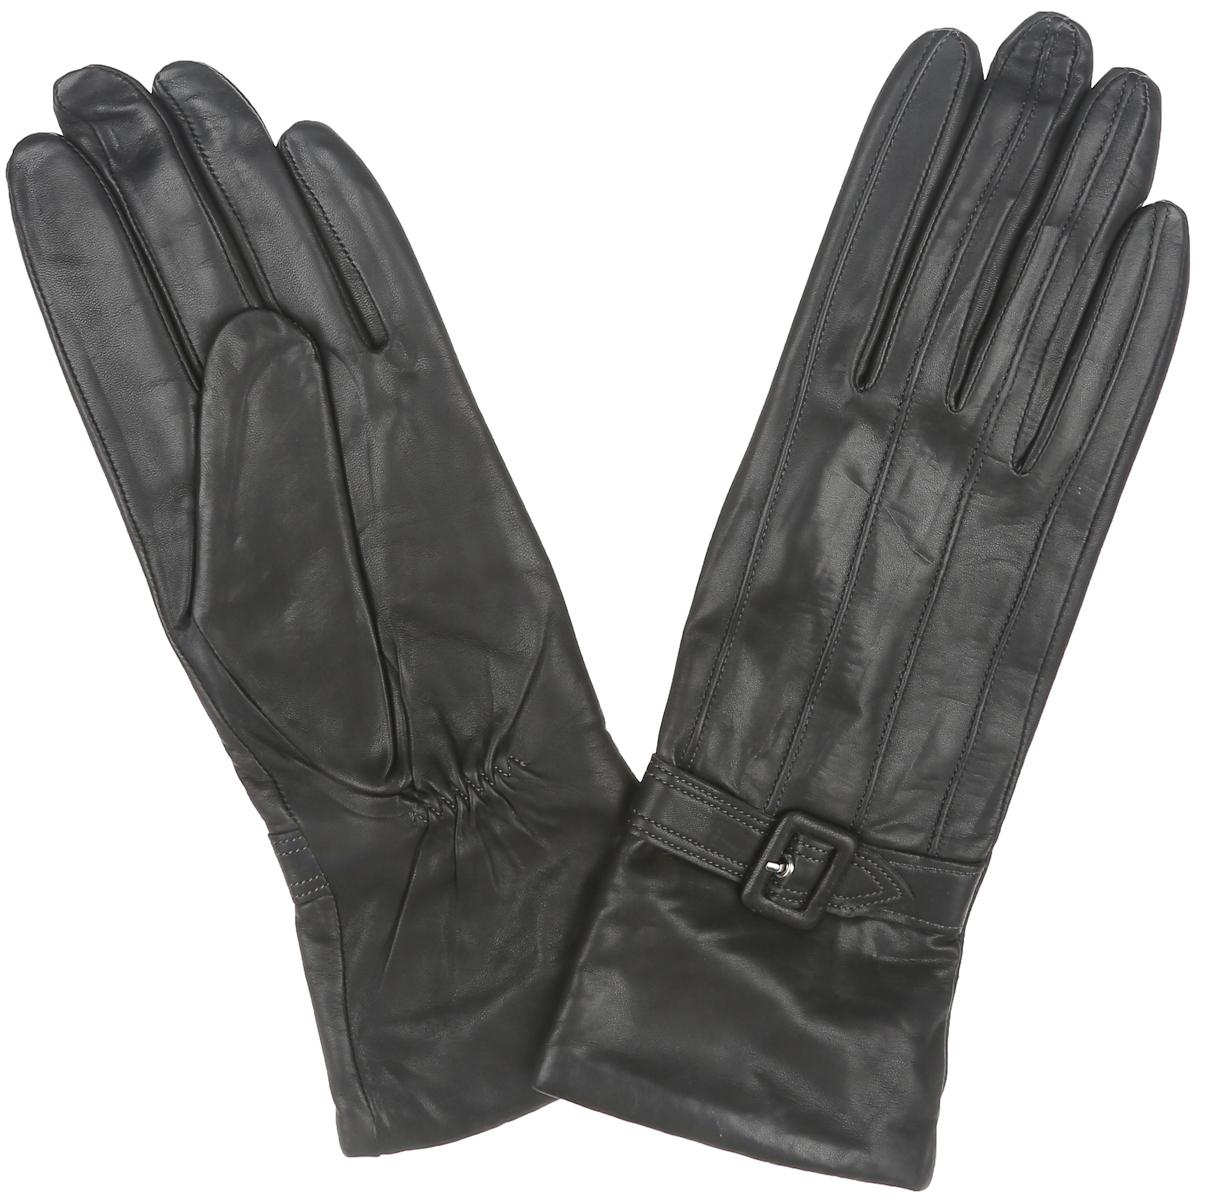 Перчатки женские. IS5083IS5083Классические женские перчатки Eleganzza - первая необходимость в осенне- зимний период. Перчатки выполнены из необыкновенно мягкой и приятной на ощупь натуральной кожи, а их подкладка - из натуральной шерсти с добавлением кашемира. Лицевая сторона оформлена декоративным ремешком и оригинальной прострочкой в тон изделия. Тыльная сторона дополнена резинкой для оптимальной посадки модели на руке. Потрясающие женские перчатки Eleganzza подойдут романтичным особам с тонким вкусом. Но самое главное - они защитят руки от холода и ветра, сохраняя их красоту.